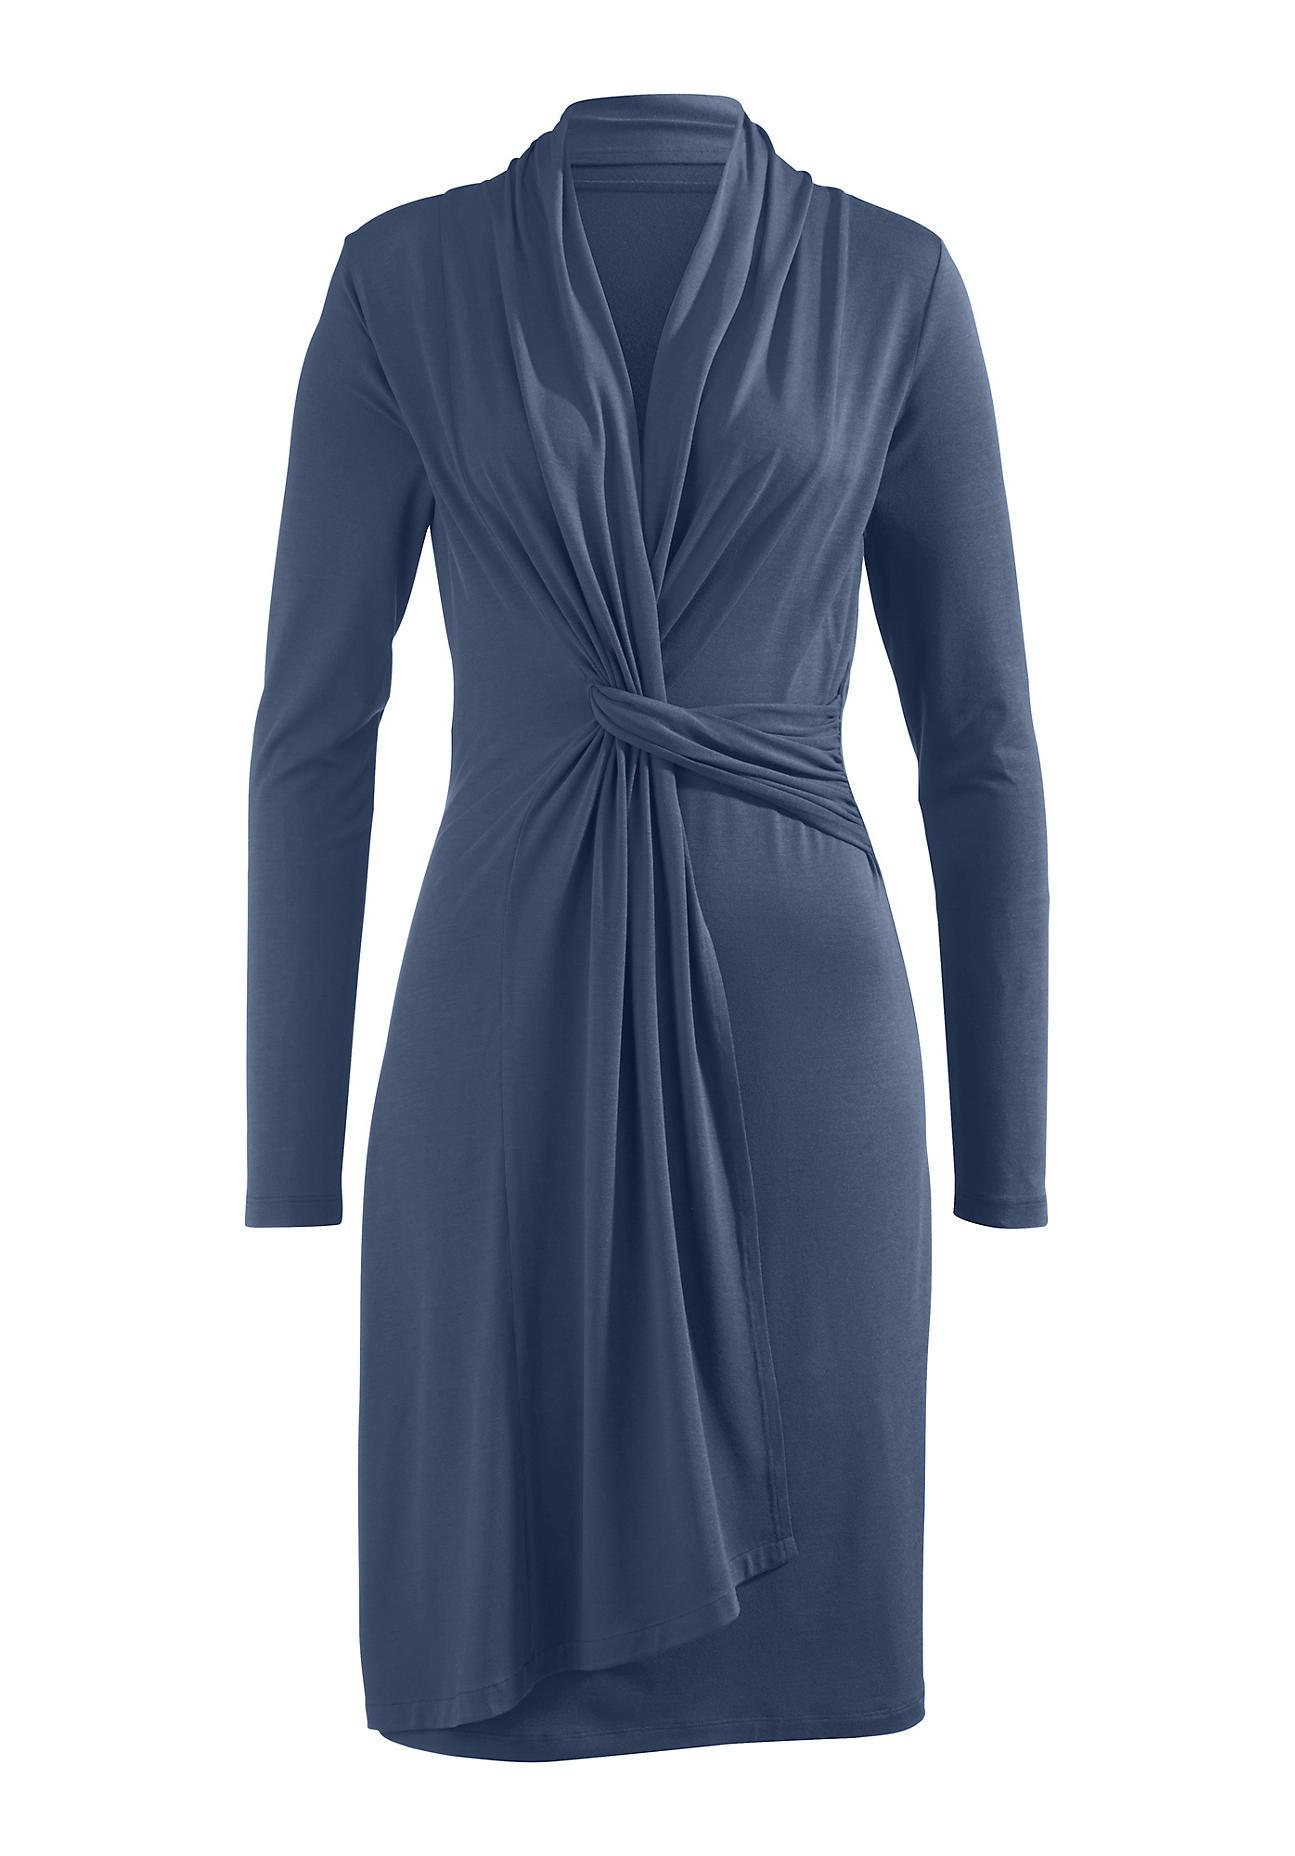 hessnatur Damen Kleid aus Modal – blau – Größe 38